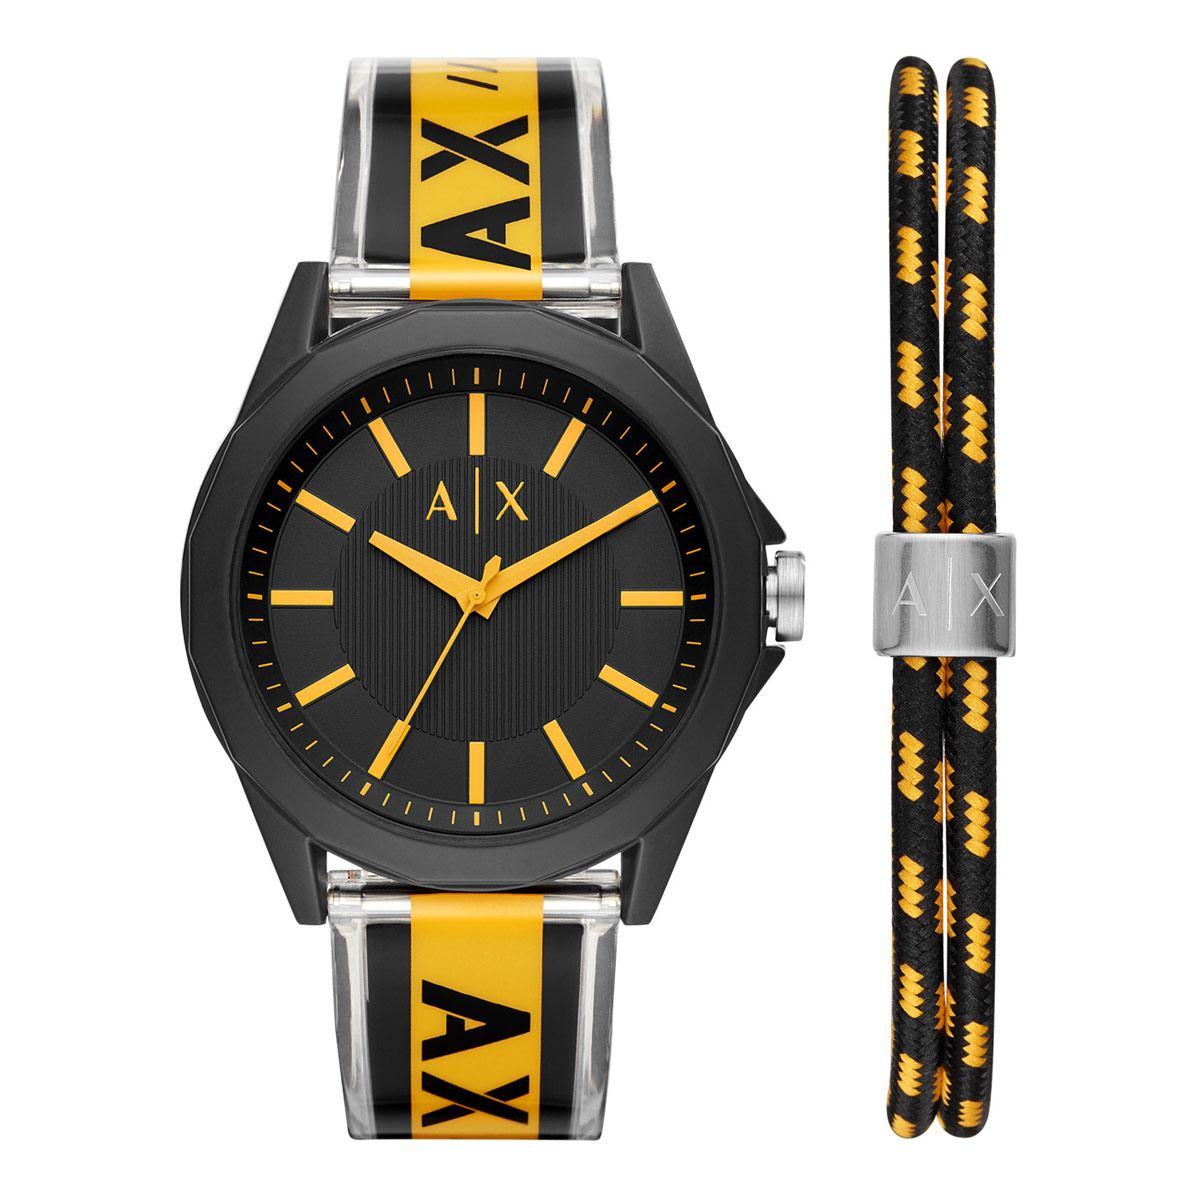 Reloj Armani Exchange Drexler Negro y Amarillo